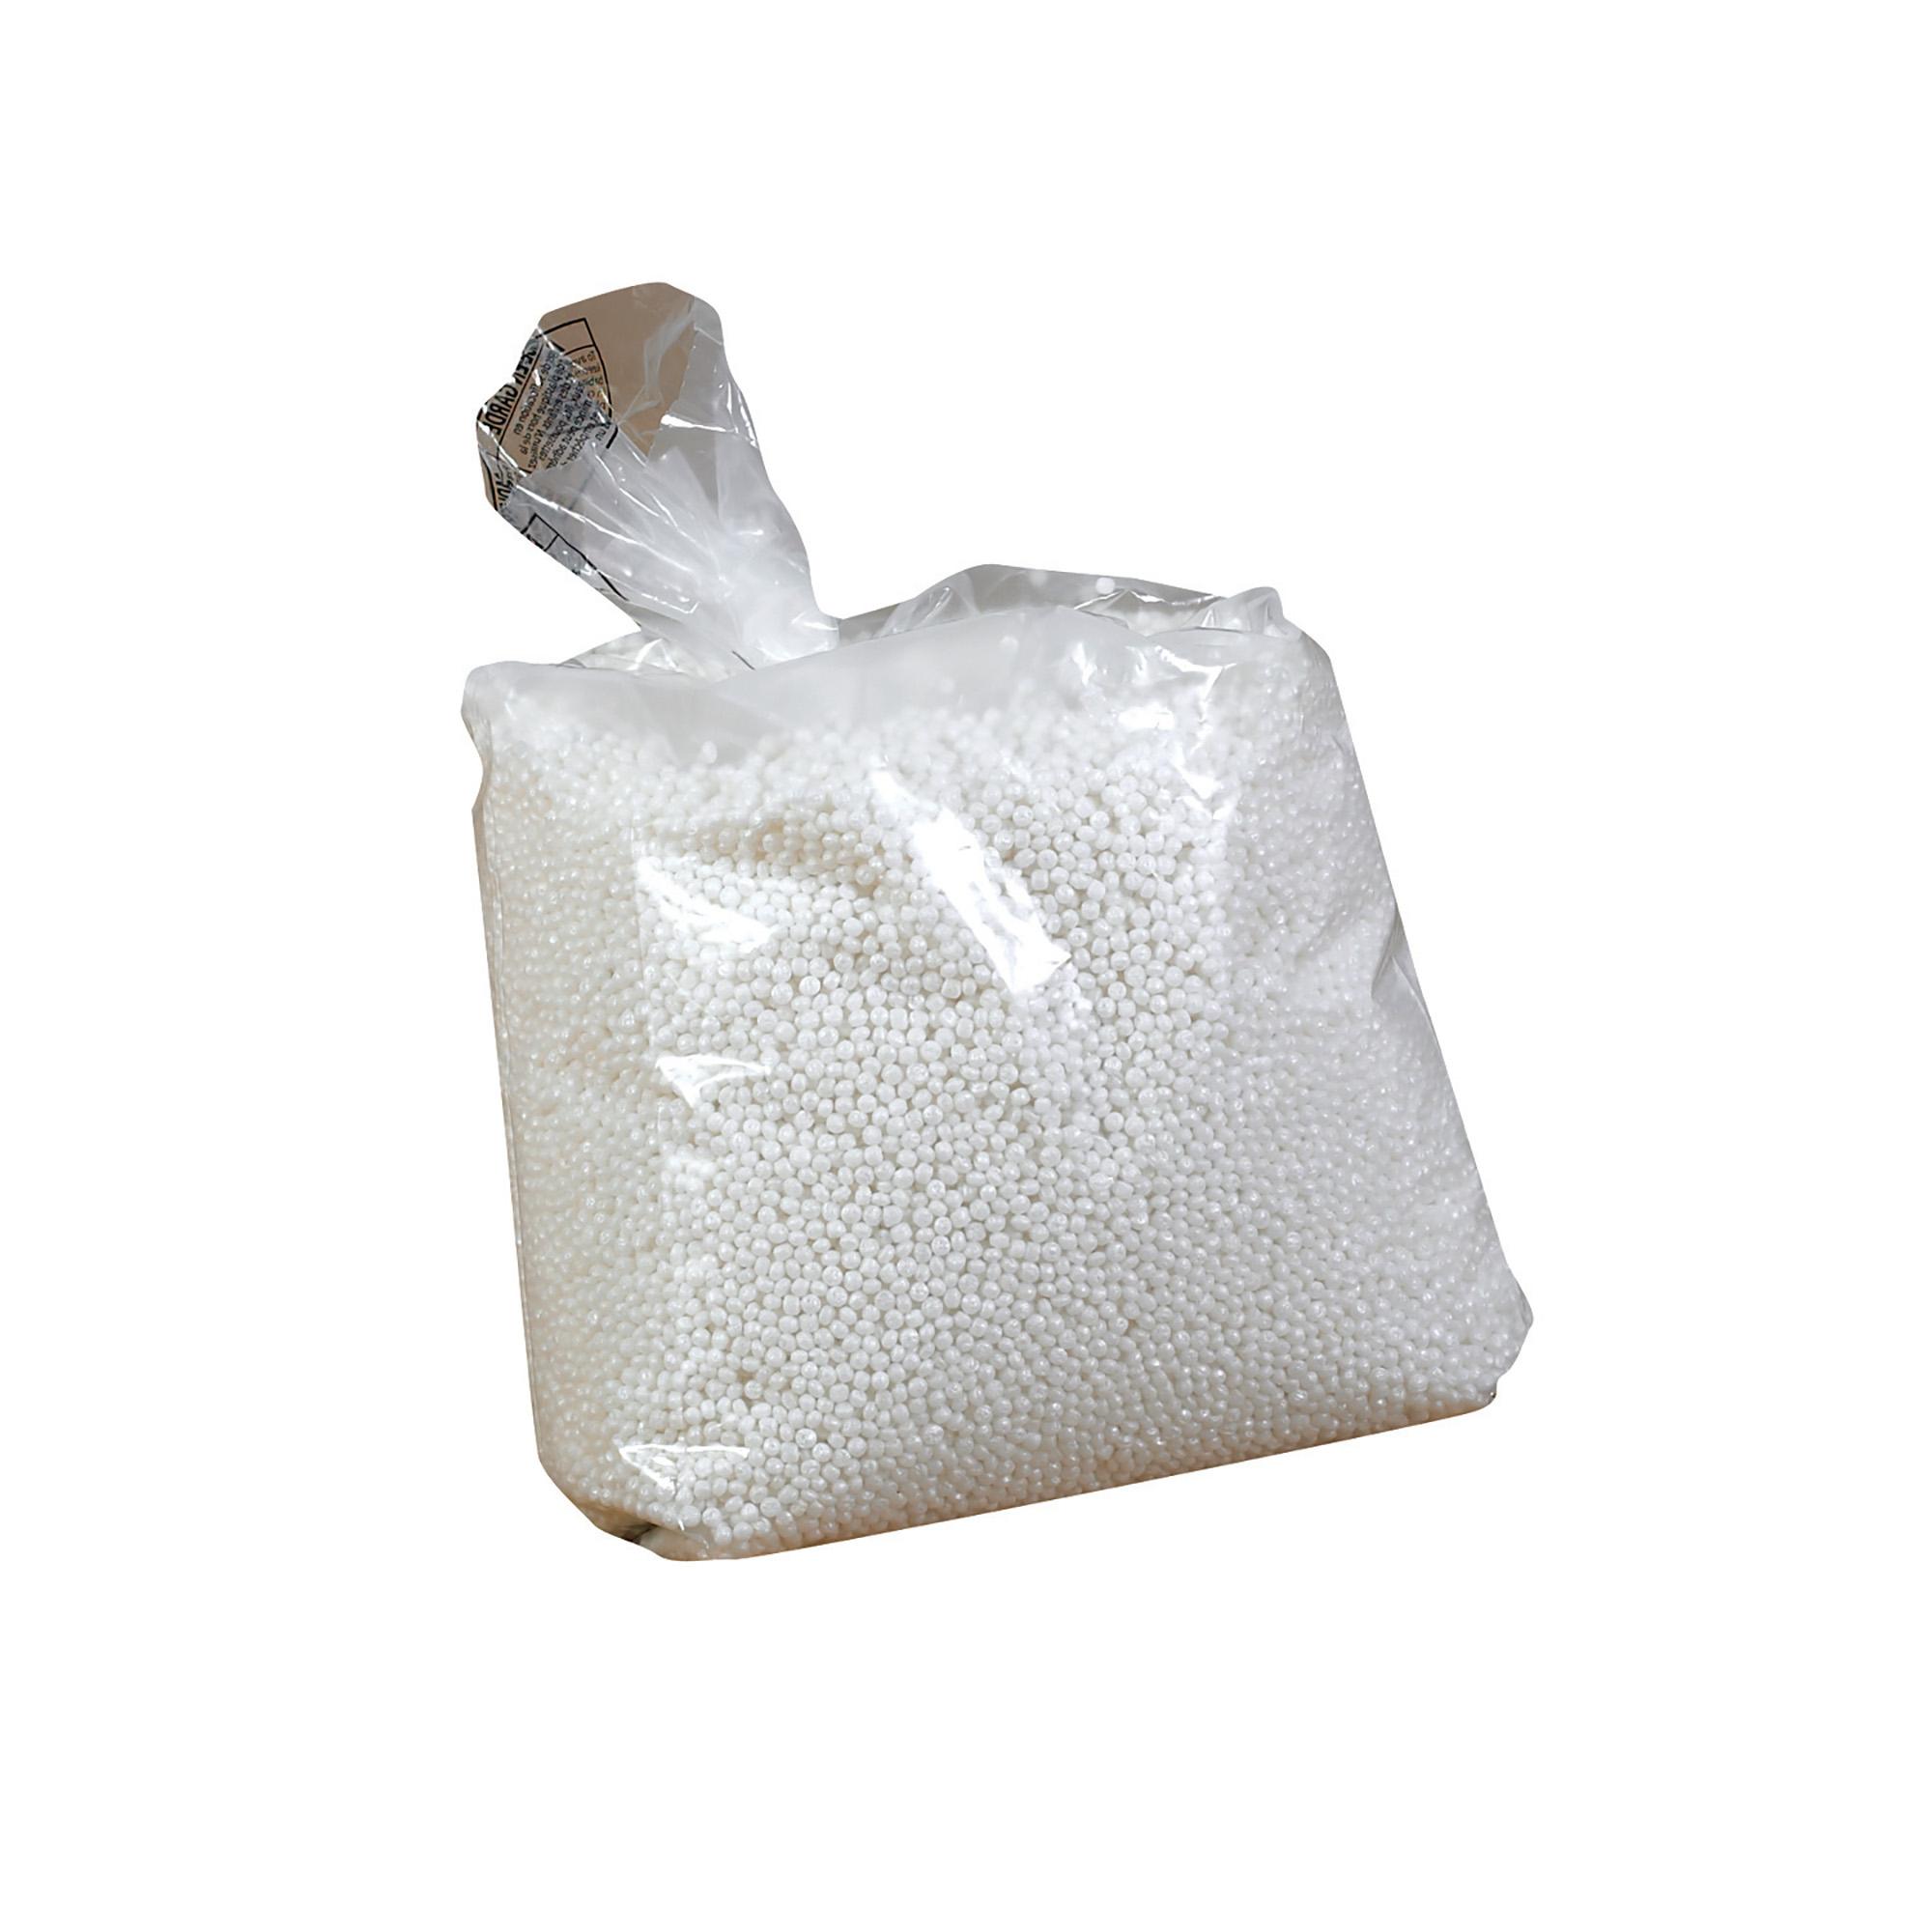 Bean Bag Refill Beads - 2 Cubic Feet - Children's Factory